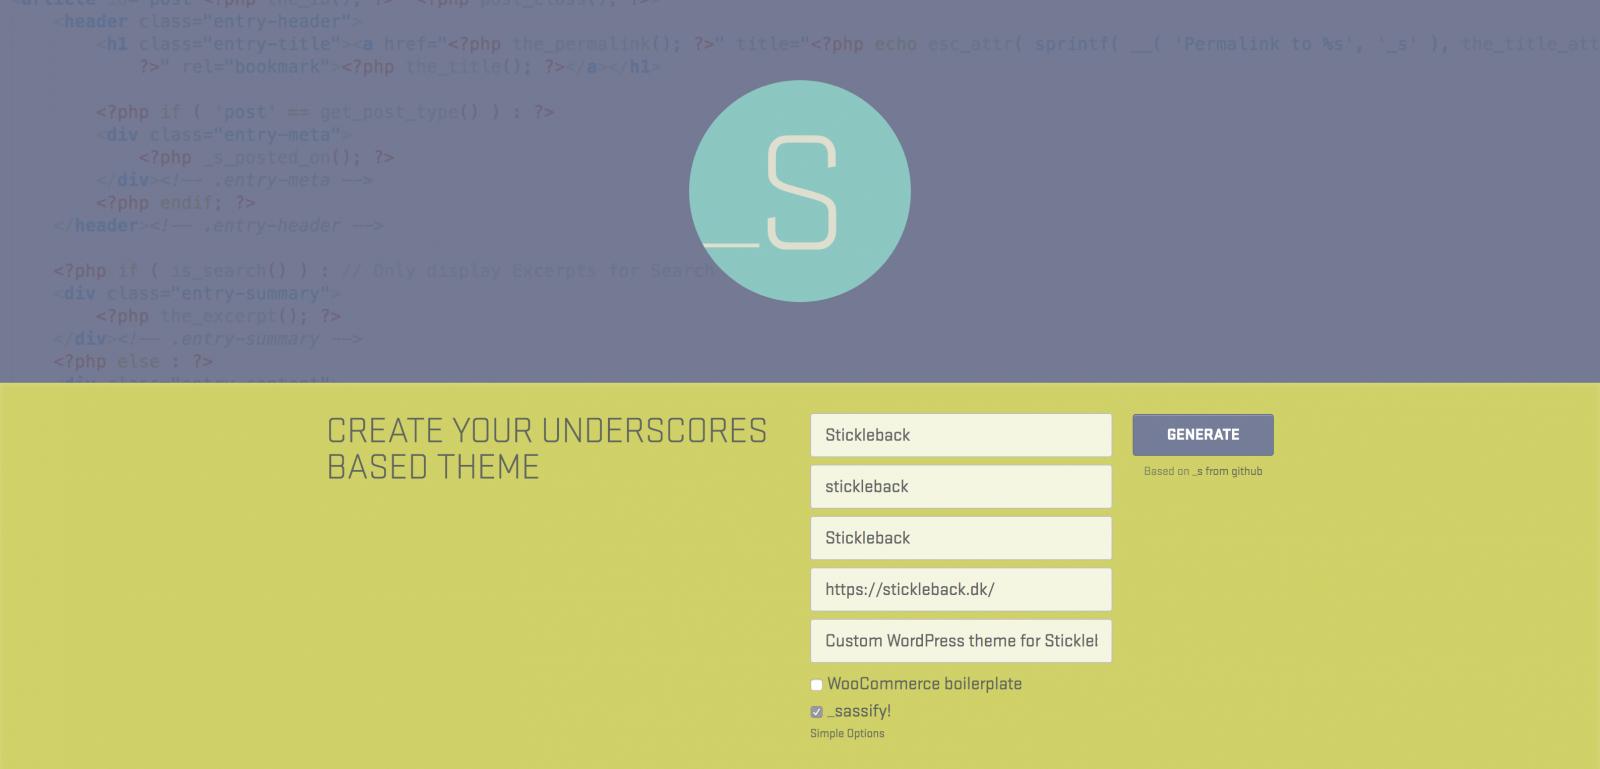 Tilpas og download en zip-fil med basis-temaet Underscores.